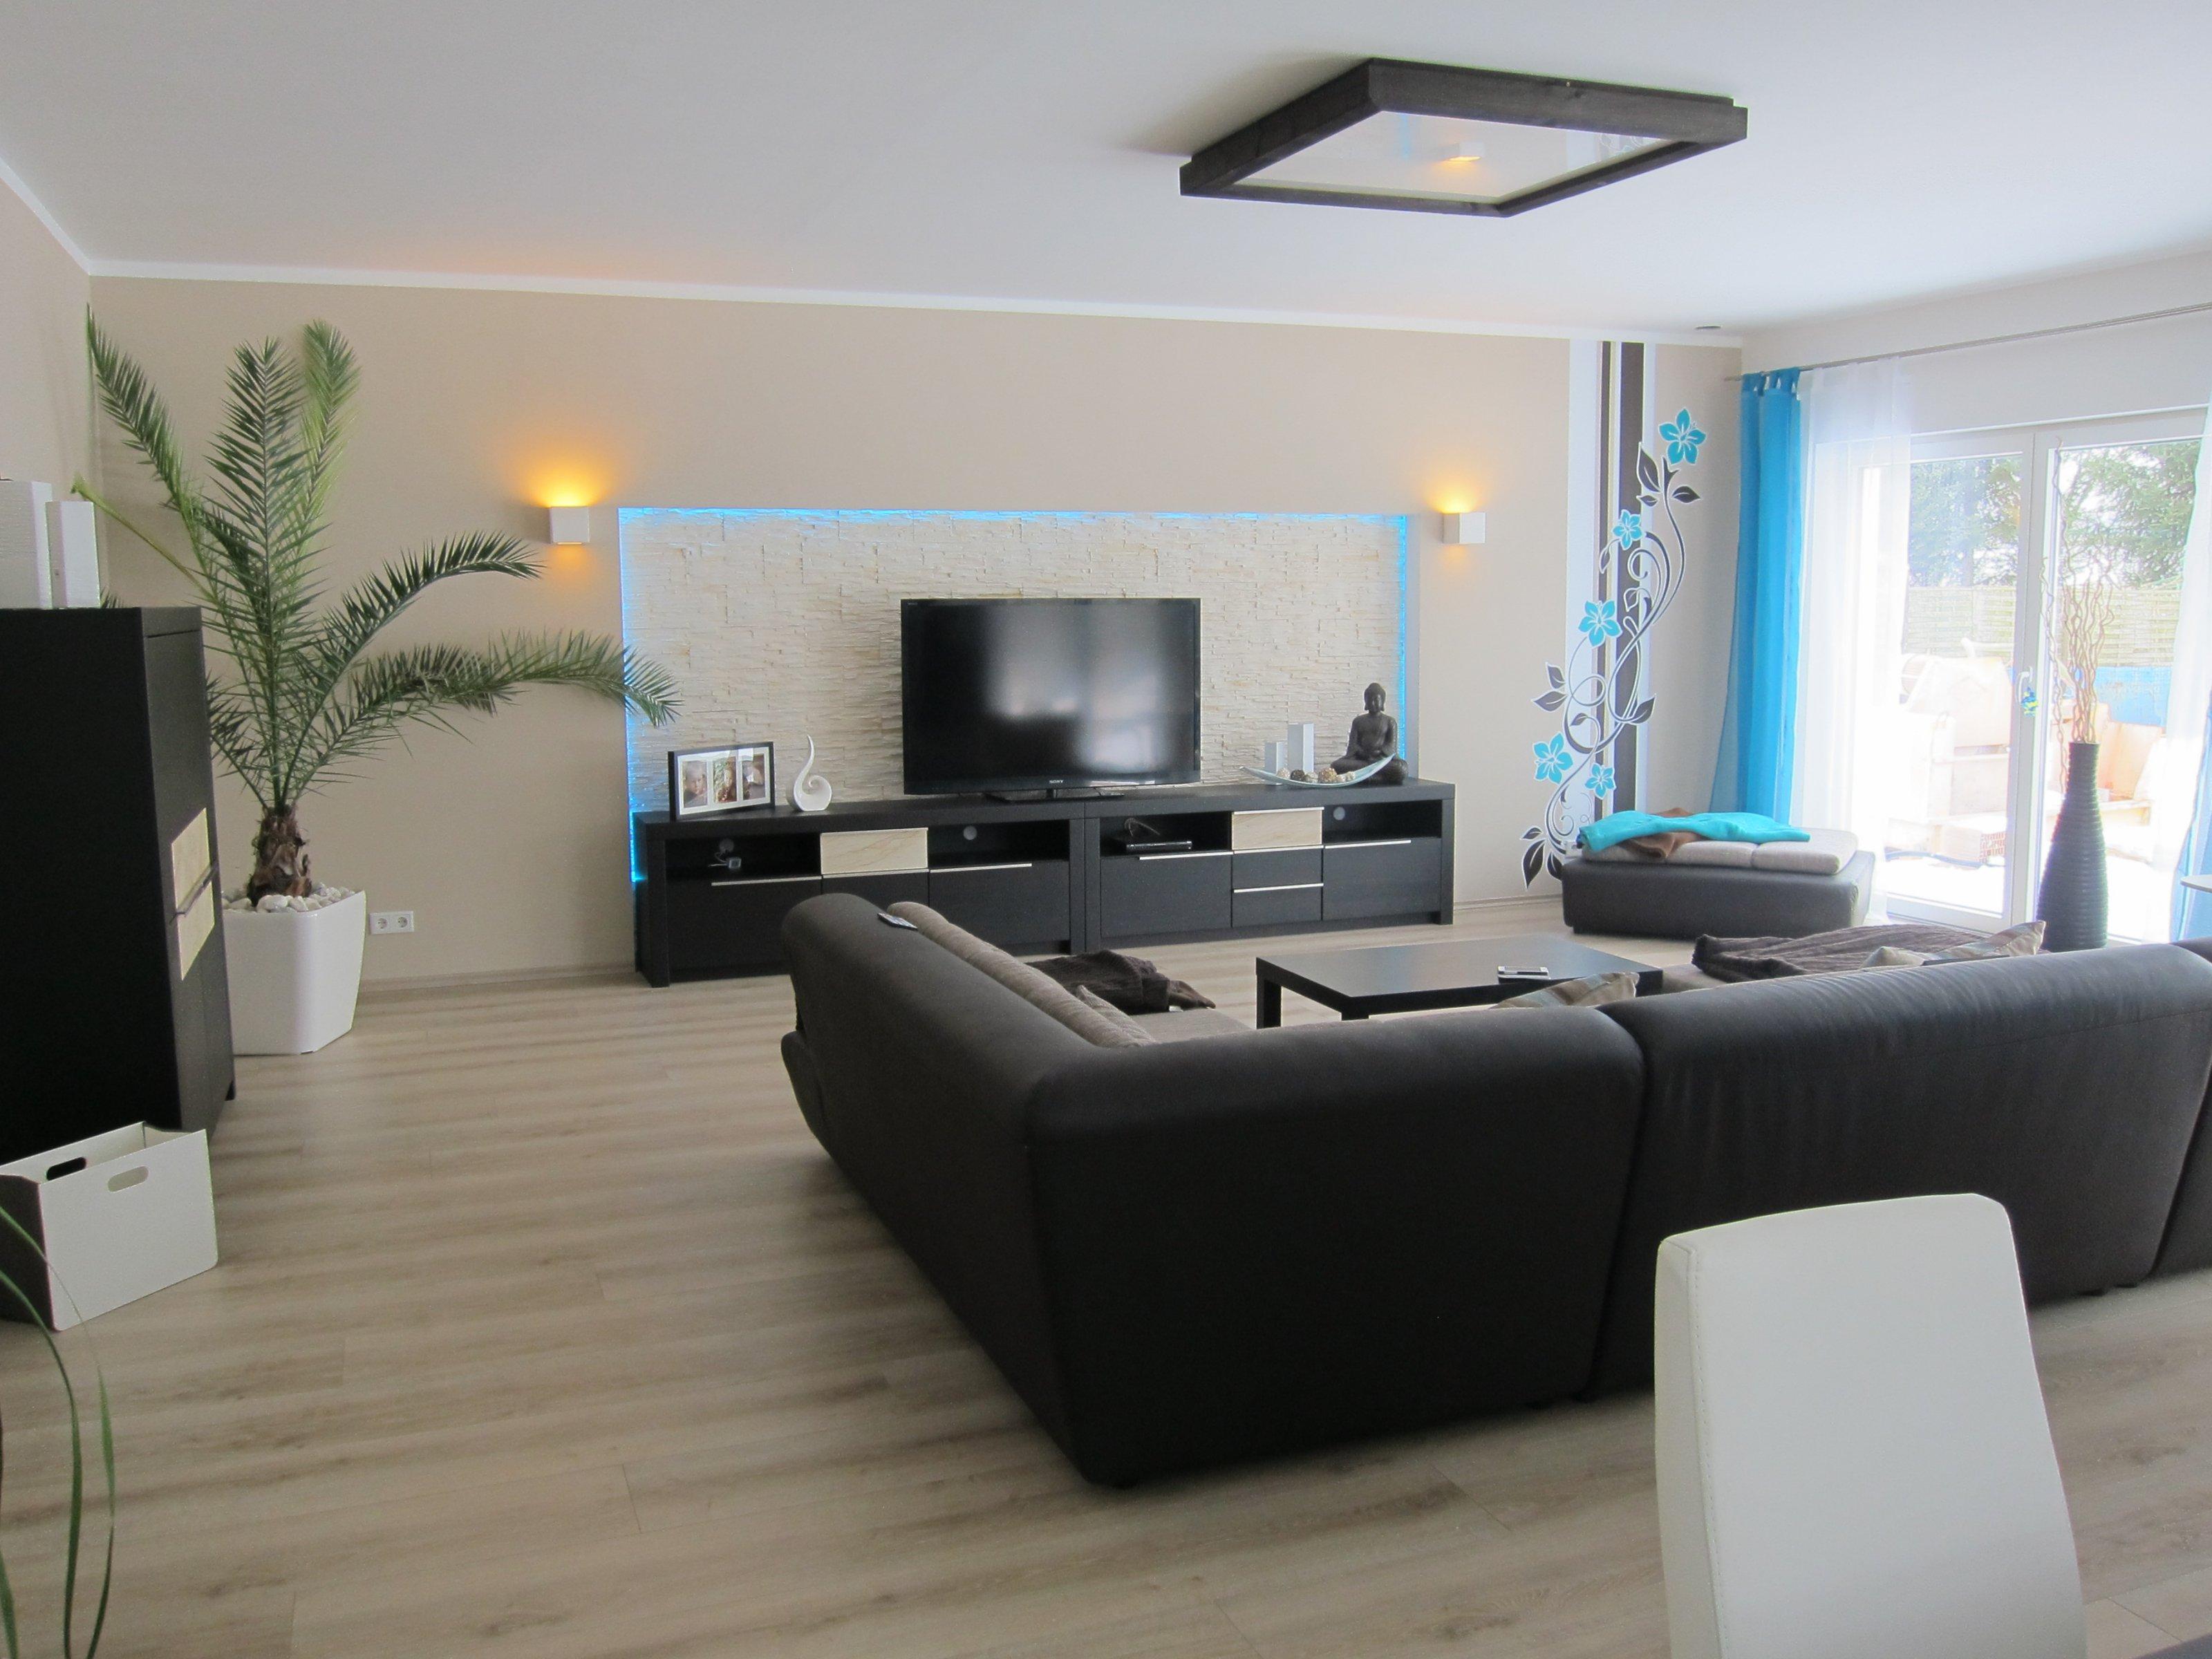 Wohnzimmer 39 wohn esszimmer k che in neuem glanz for Moderner raum